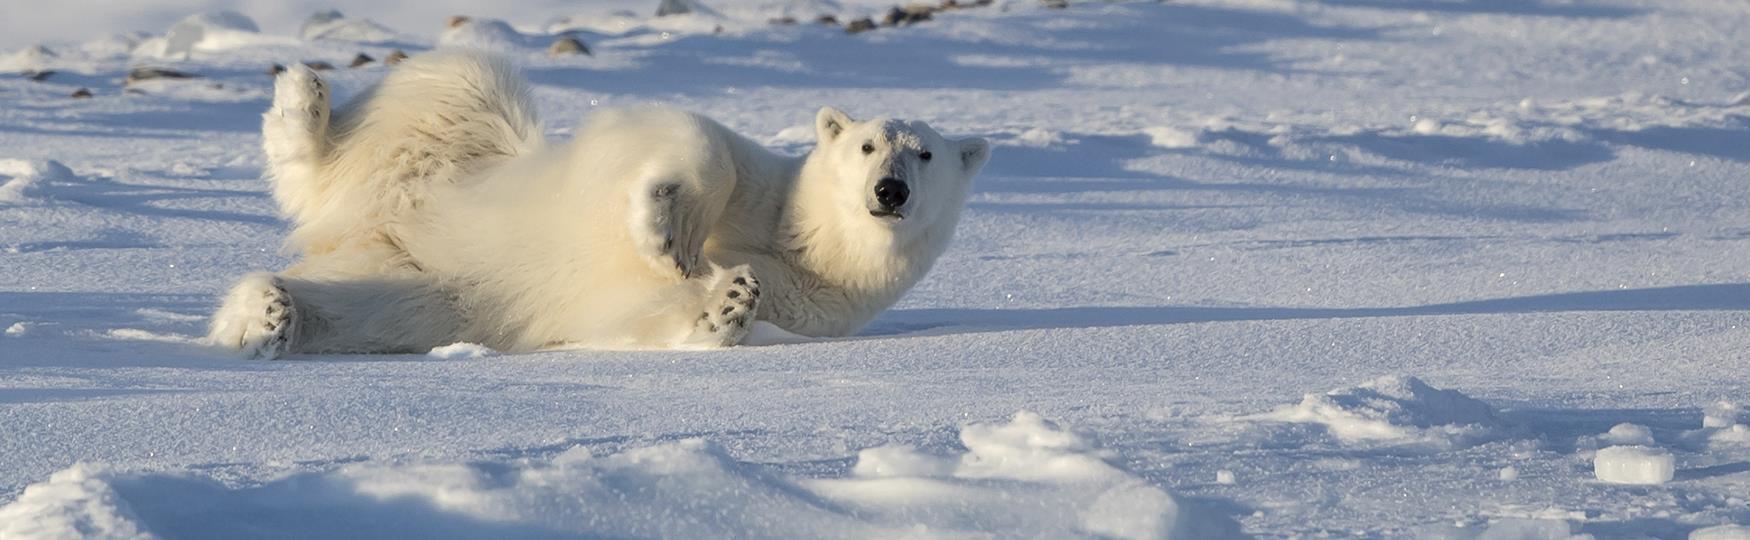 Polar bears in Svalbard on map of polar bear range, map of canada polar bear, where does a polar bear live, maps where brown bears live, spectacled bears live, where do polar bears live, where does the polar bear live, map of where kodiak bears live, polar bear camera live, where do squids live, how long can polar bears live, where does an aardvark live, map of polar bear habitat, map of younger dryas, how long do bears live, a map of where bears live, wear do polar bears live, description of where polar bears live, diagram of where polar bears live, map where black bears live,